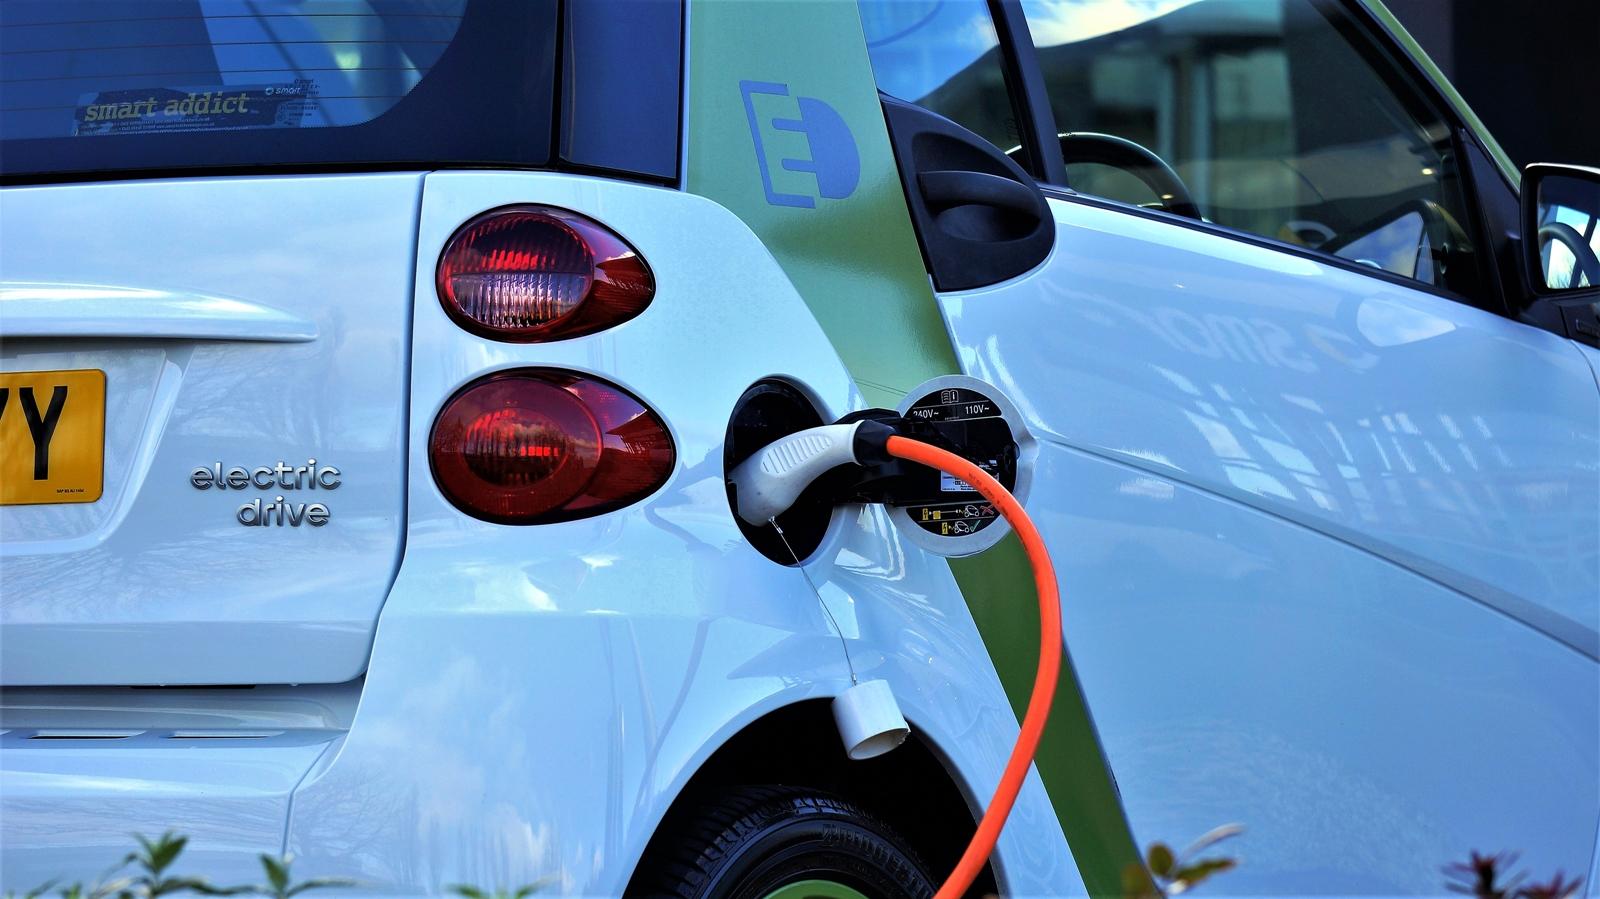 L'andamento delle auto elettriche e le prospettive future: +250% nei prossimi 2 anni